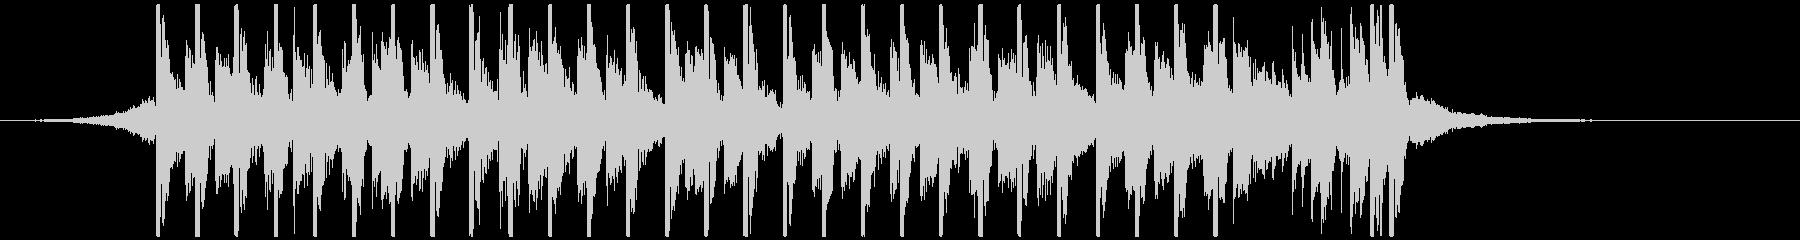 ポップパーティー(20秒)の未再生の波形